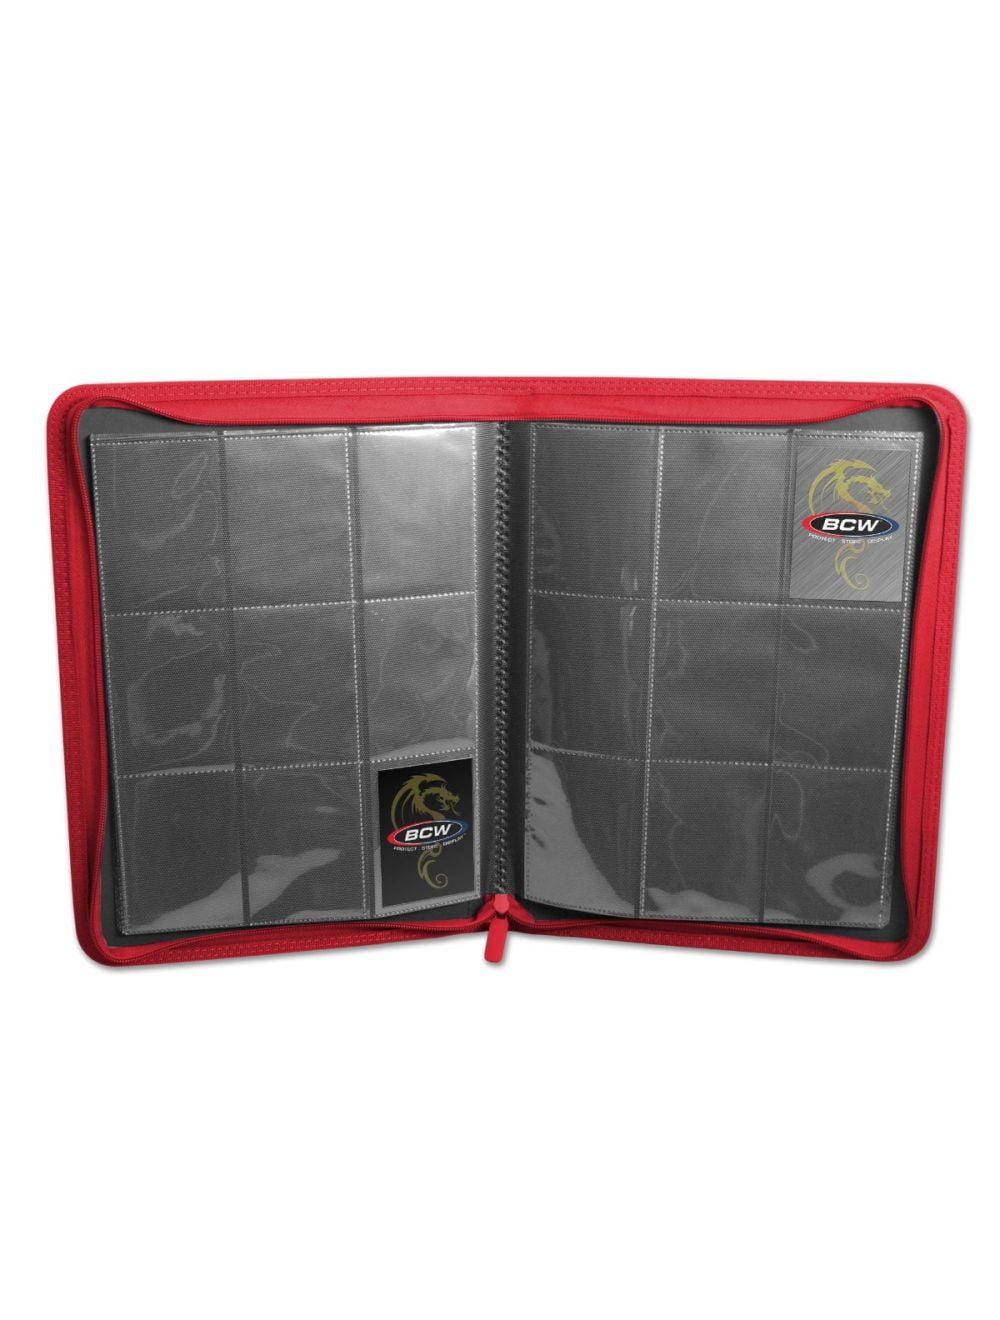 (product) Z Folio 9 Pocket LX Album  Red